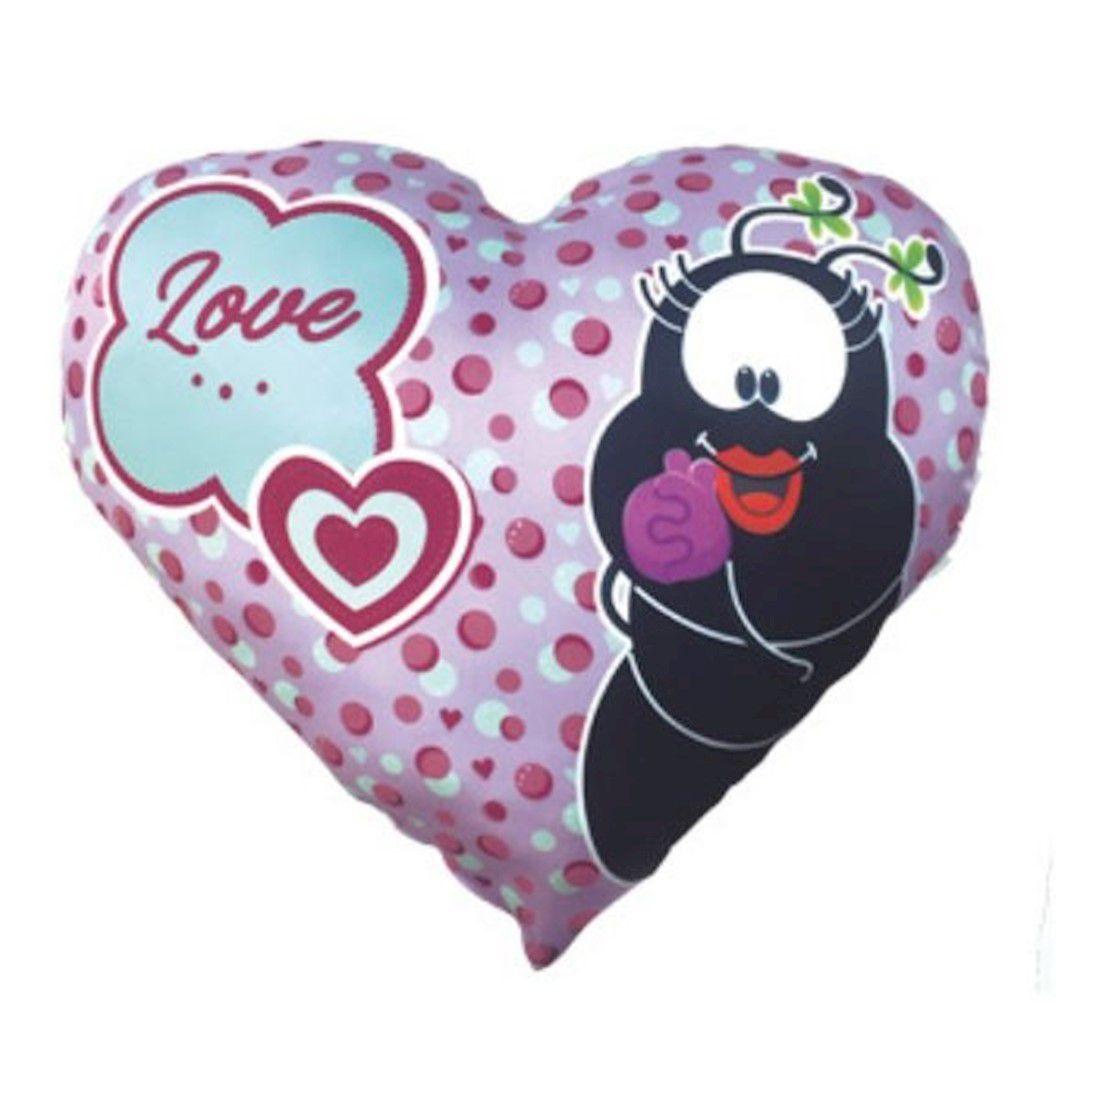 Almofada Coração Forfete - Love